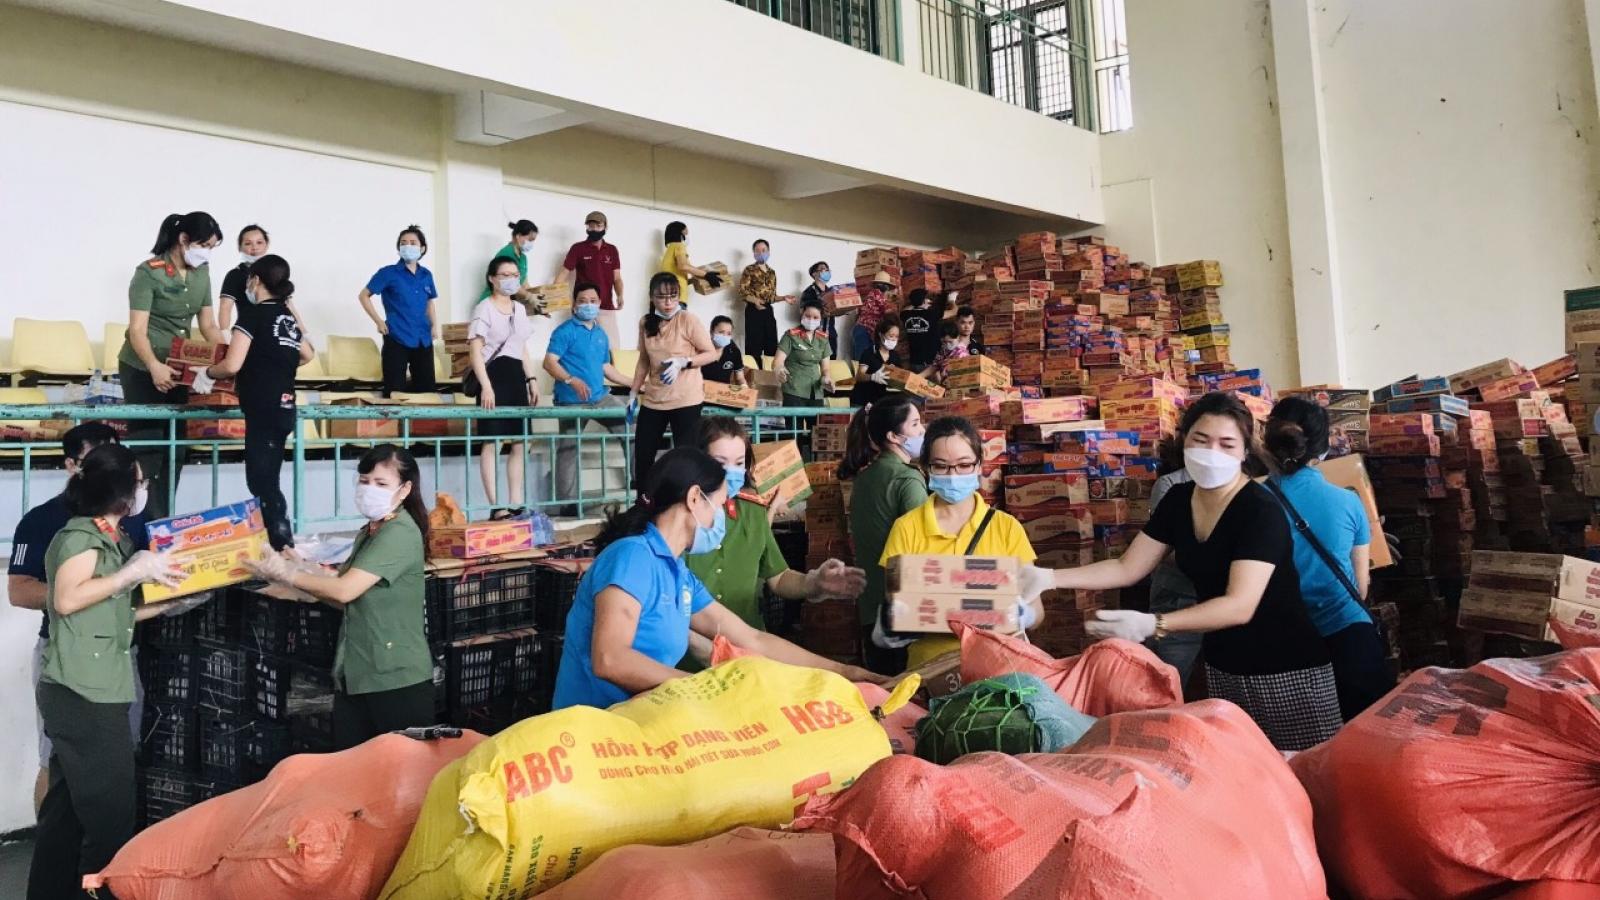 Tấm lòng vùng cao hướng về tâm dịch Thành phố Hồ Chí Minh